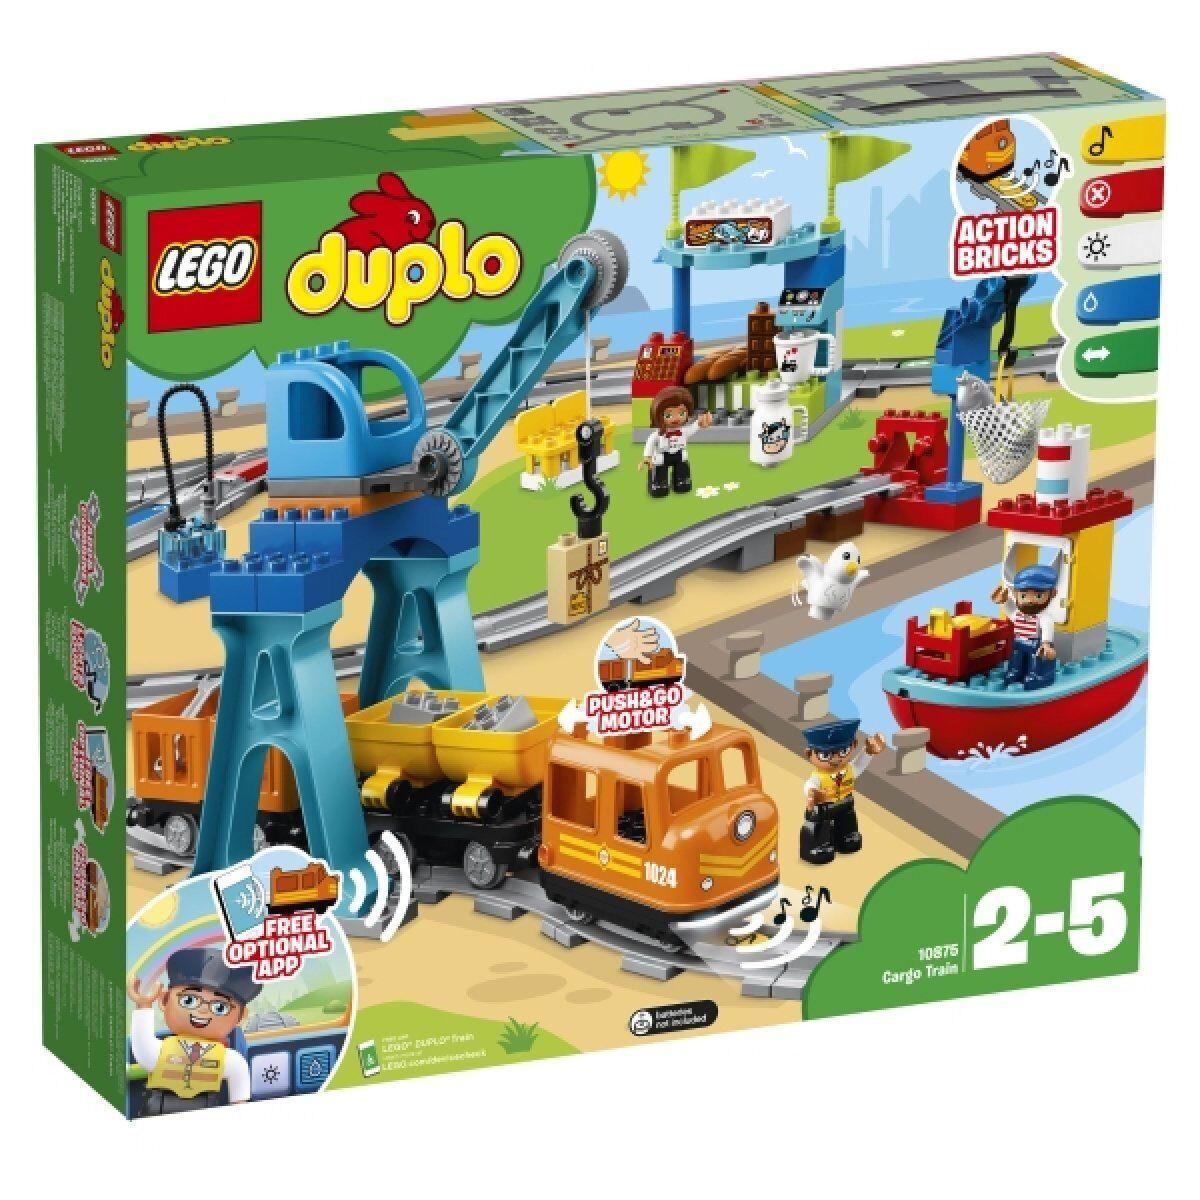 Lego Duplo Chemin Chemin Chemin de fer train de marchandises 10875 Nouveau neuf dans sa boîte 105731